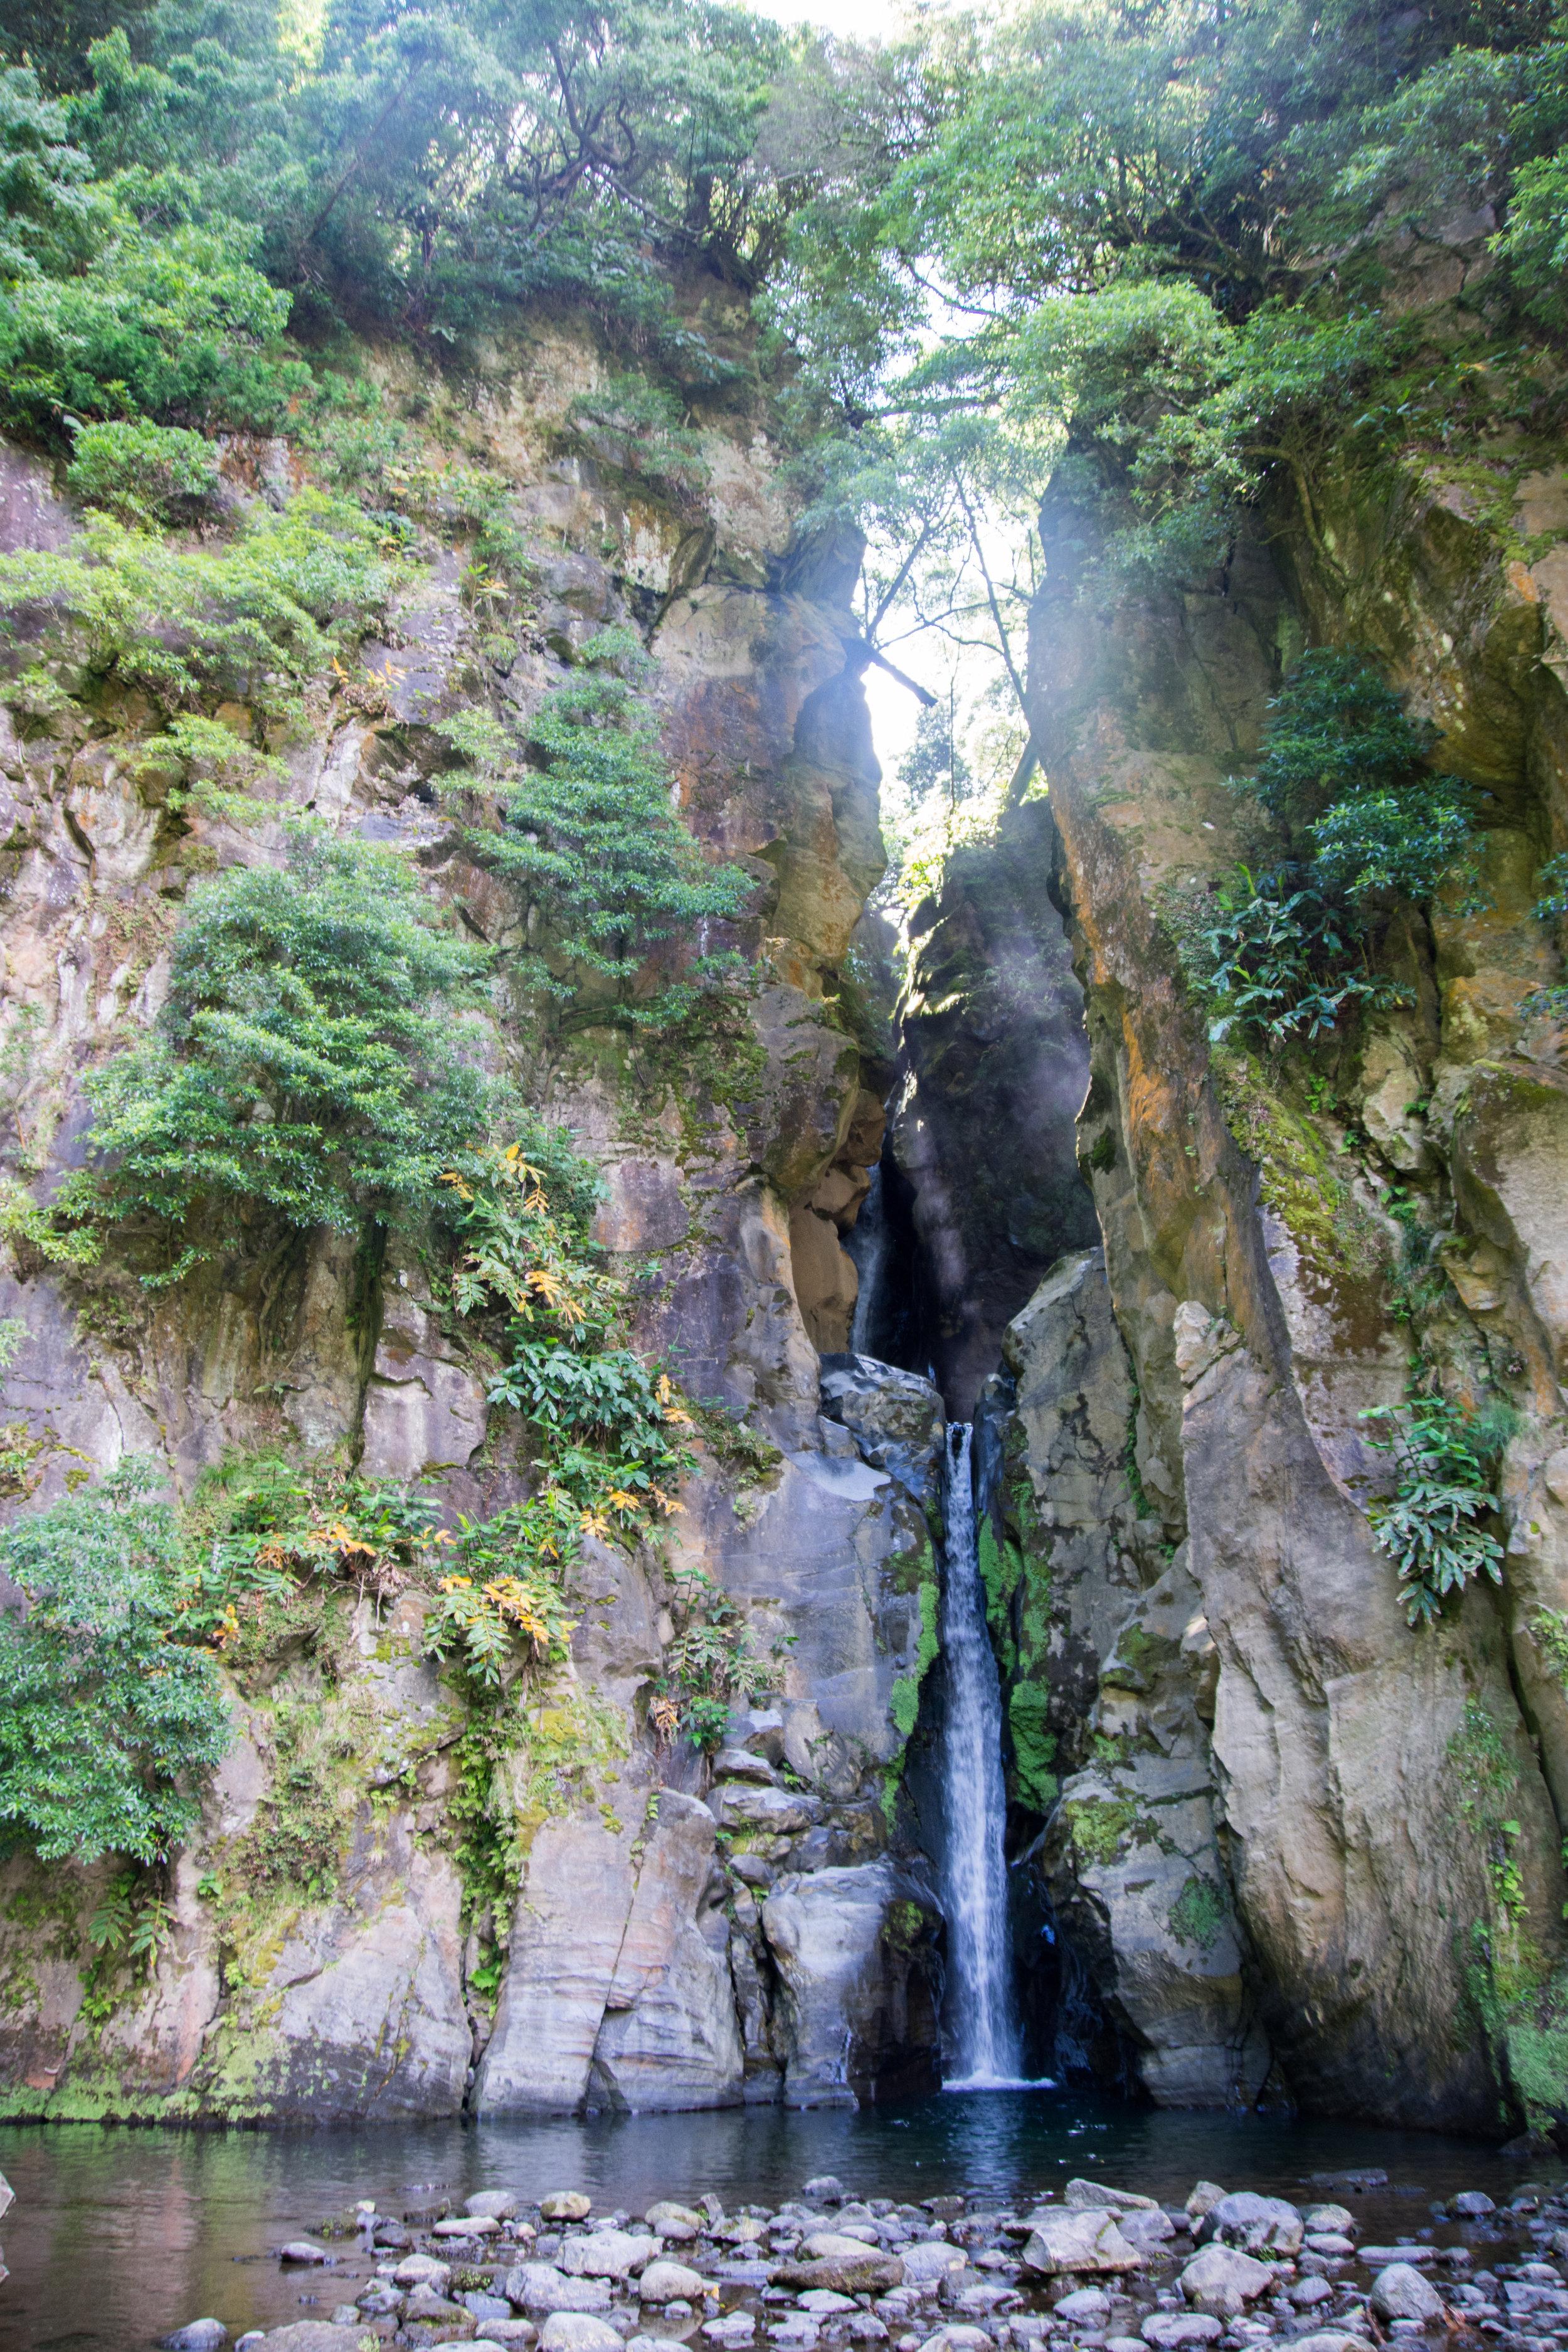 Salto do Cabrito – São Miguel island